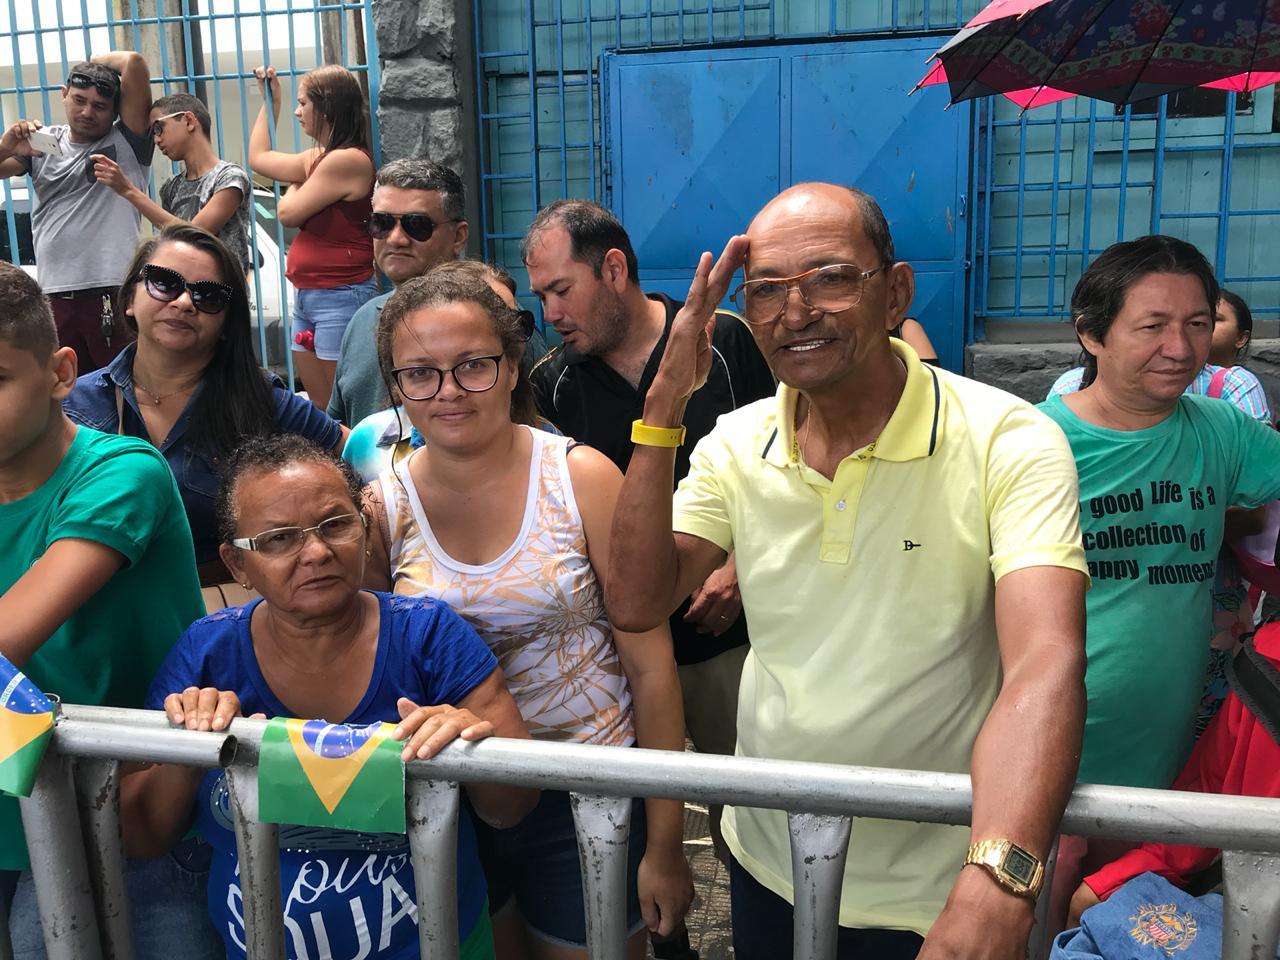 Reservista do Exército, José Simão Mendes, de 72 anos, desfilou em 1966 e 1967. Levou a família mais uma vez para acompanhar desfile